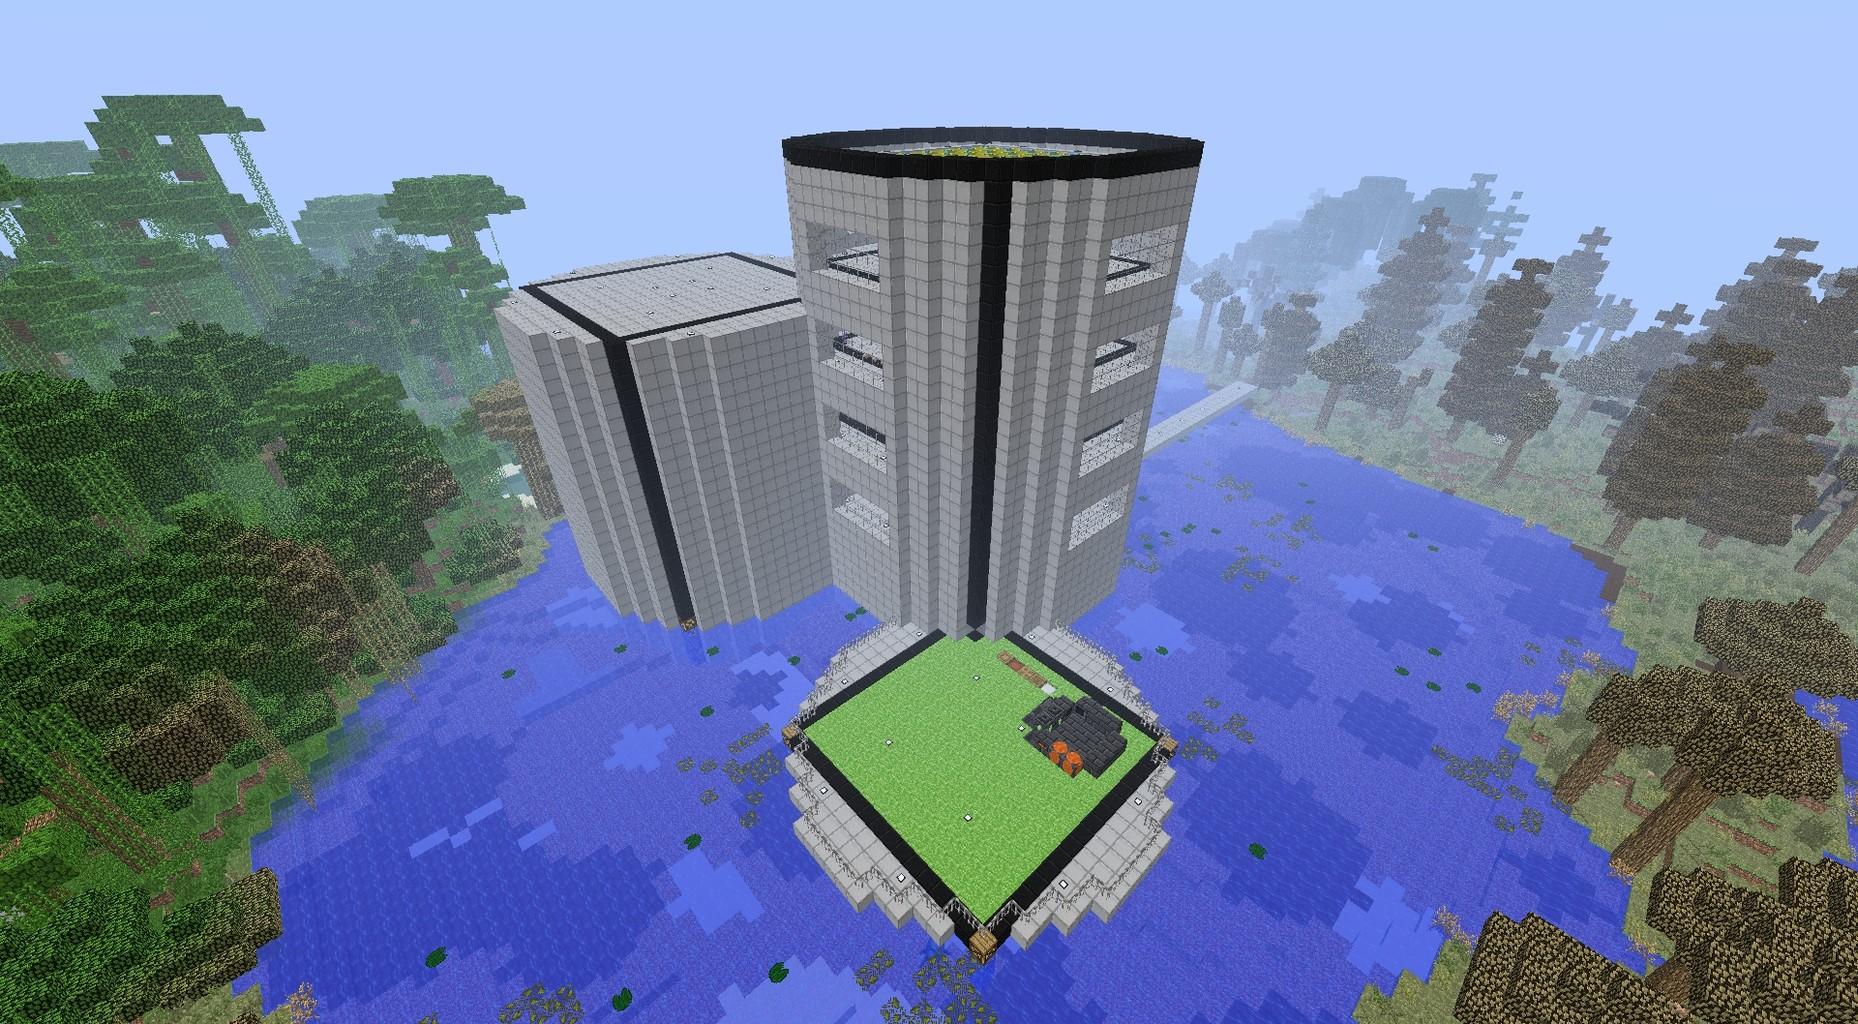 スティーブの工業化MOD日記~Minecraft~ : 【マインクラフト】メイン拠点まわりとAE電力事情【工業化MOD】